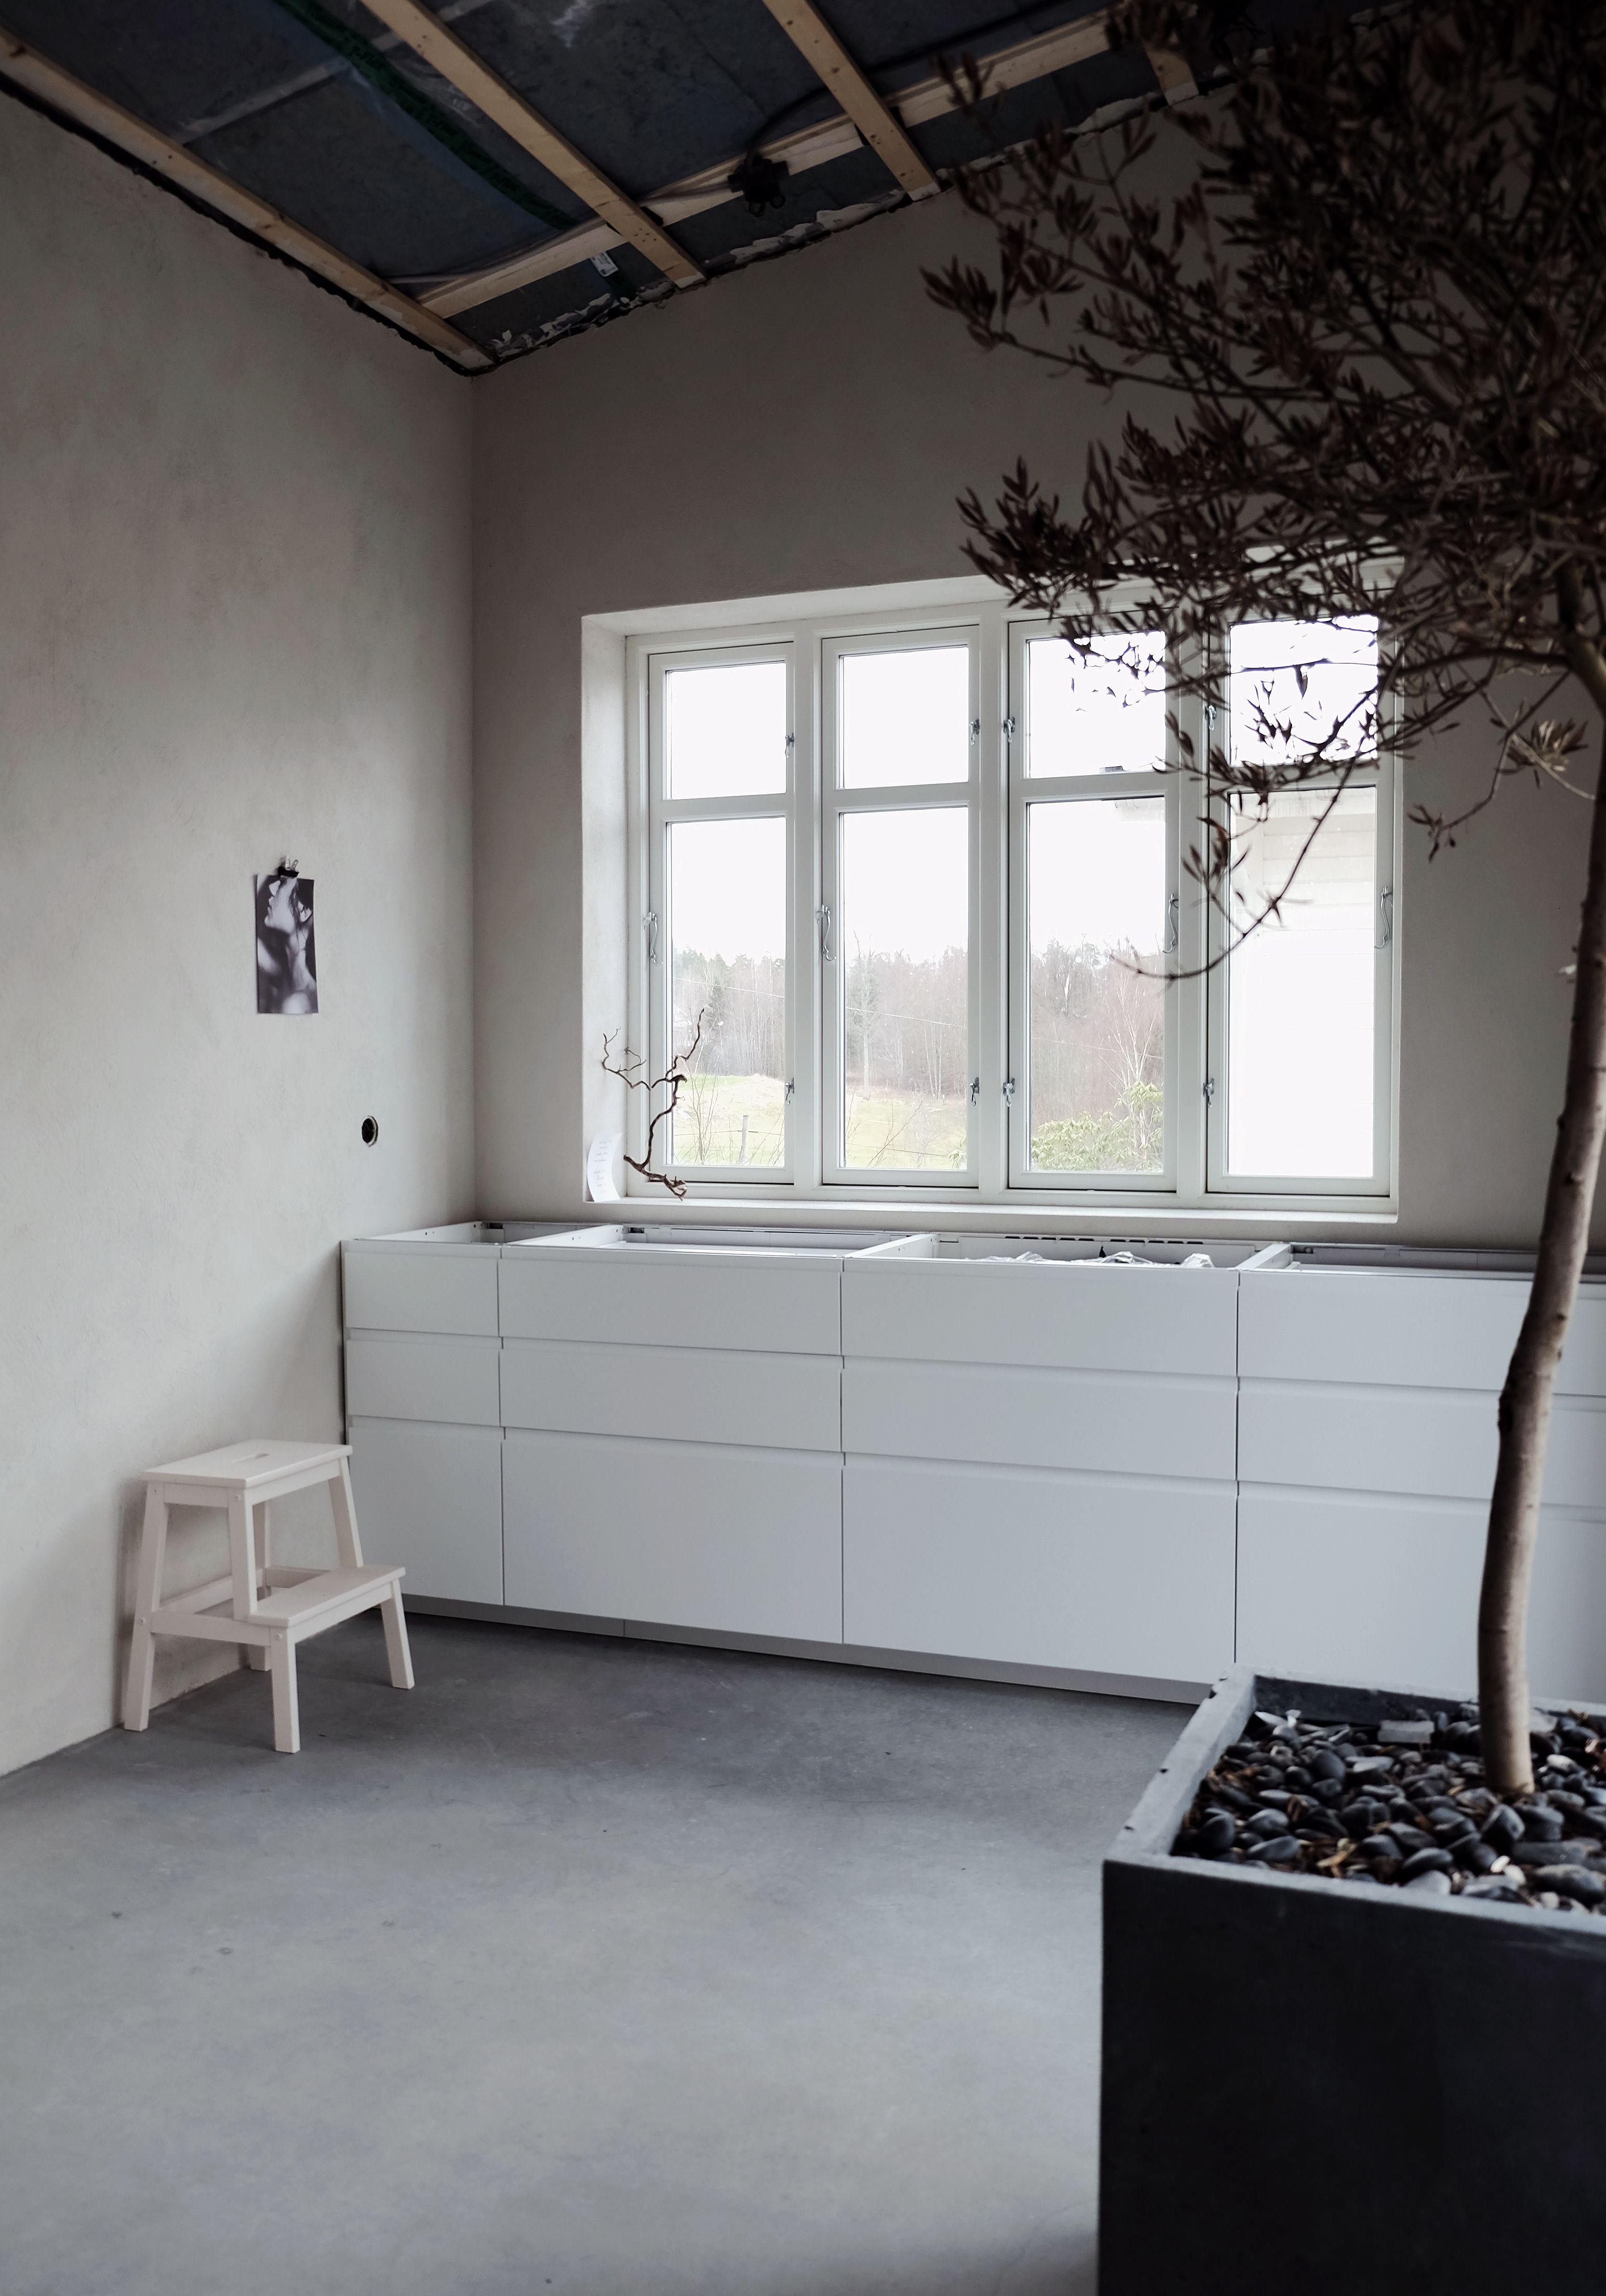 Ikea, met and sunday morning on pinterest